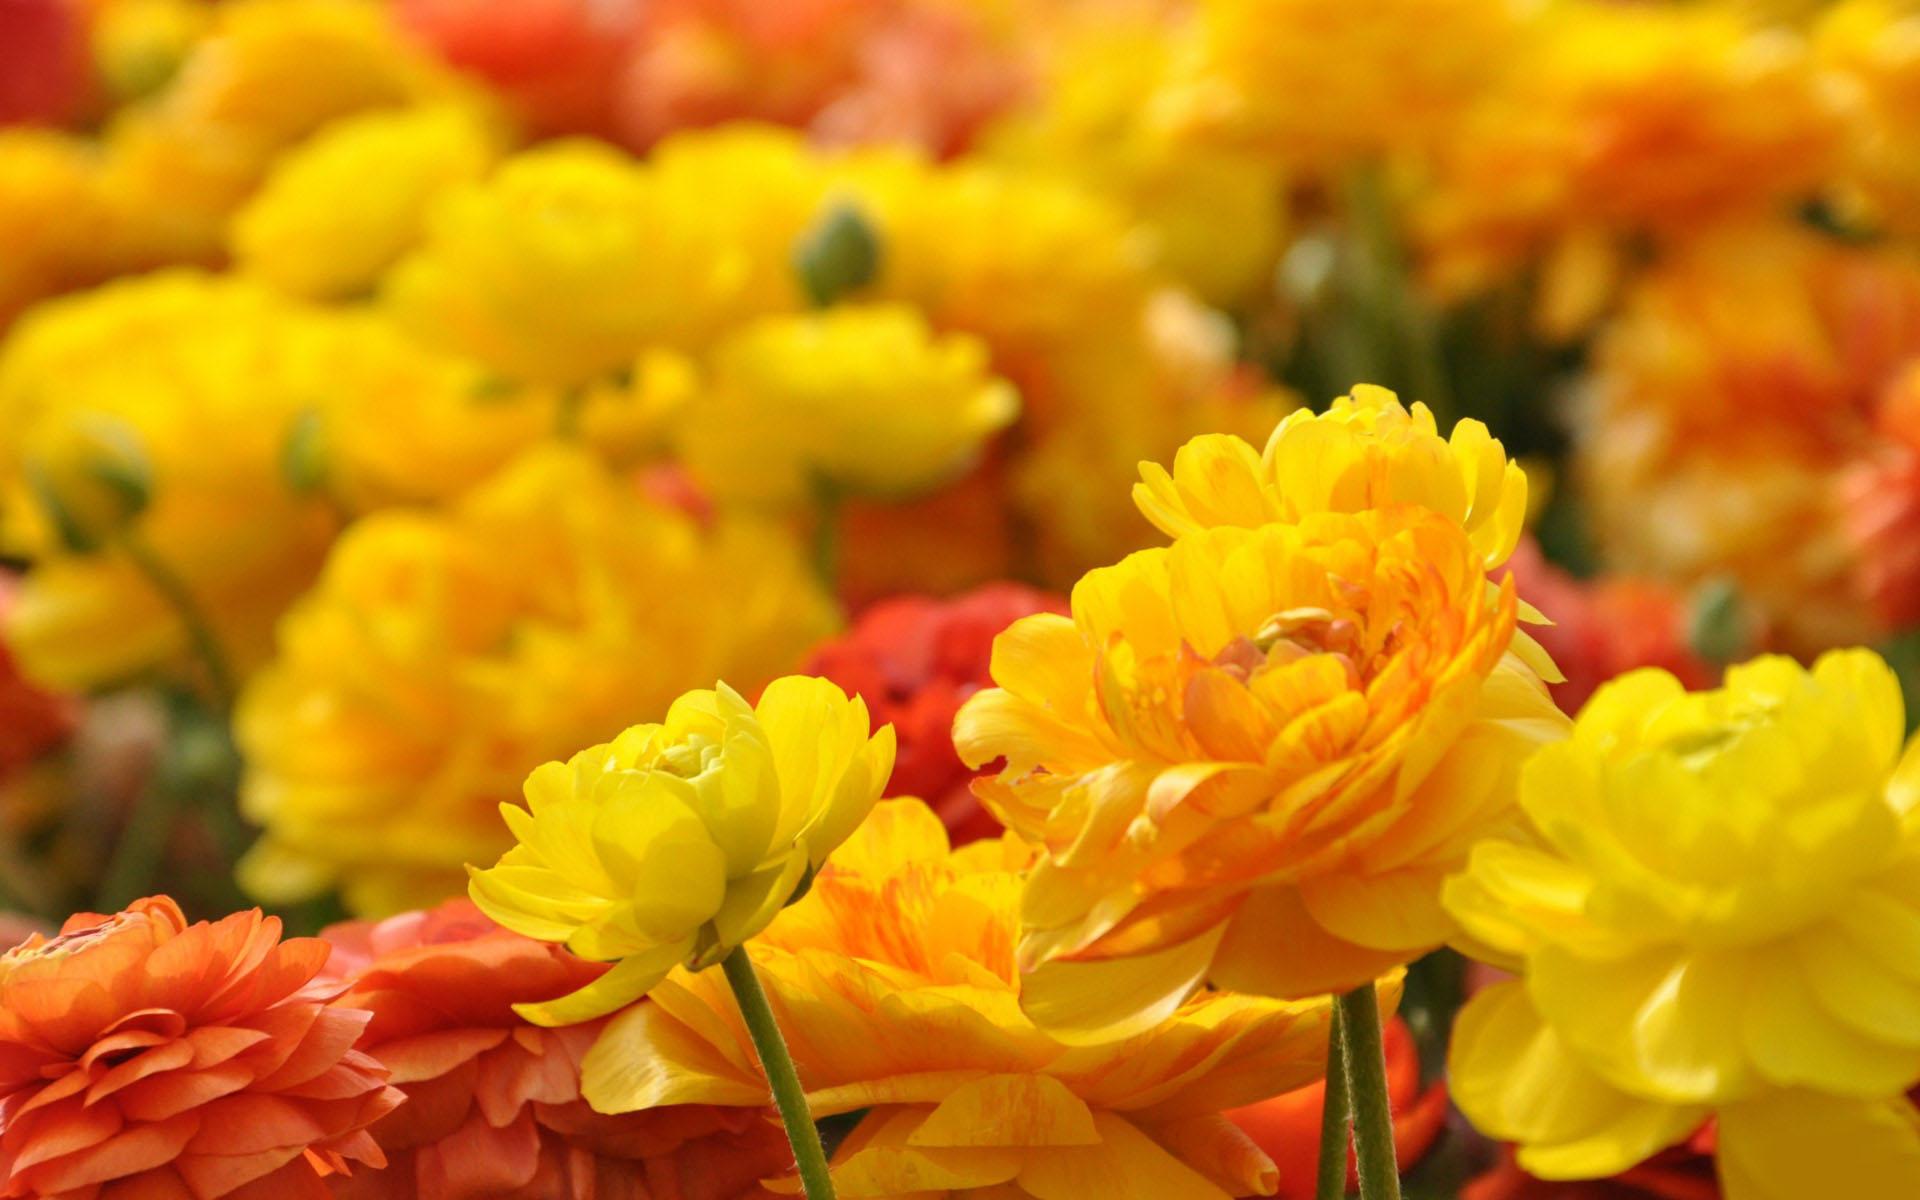 12-flower-wallpaper.